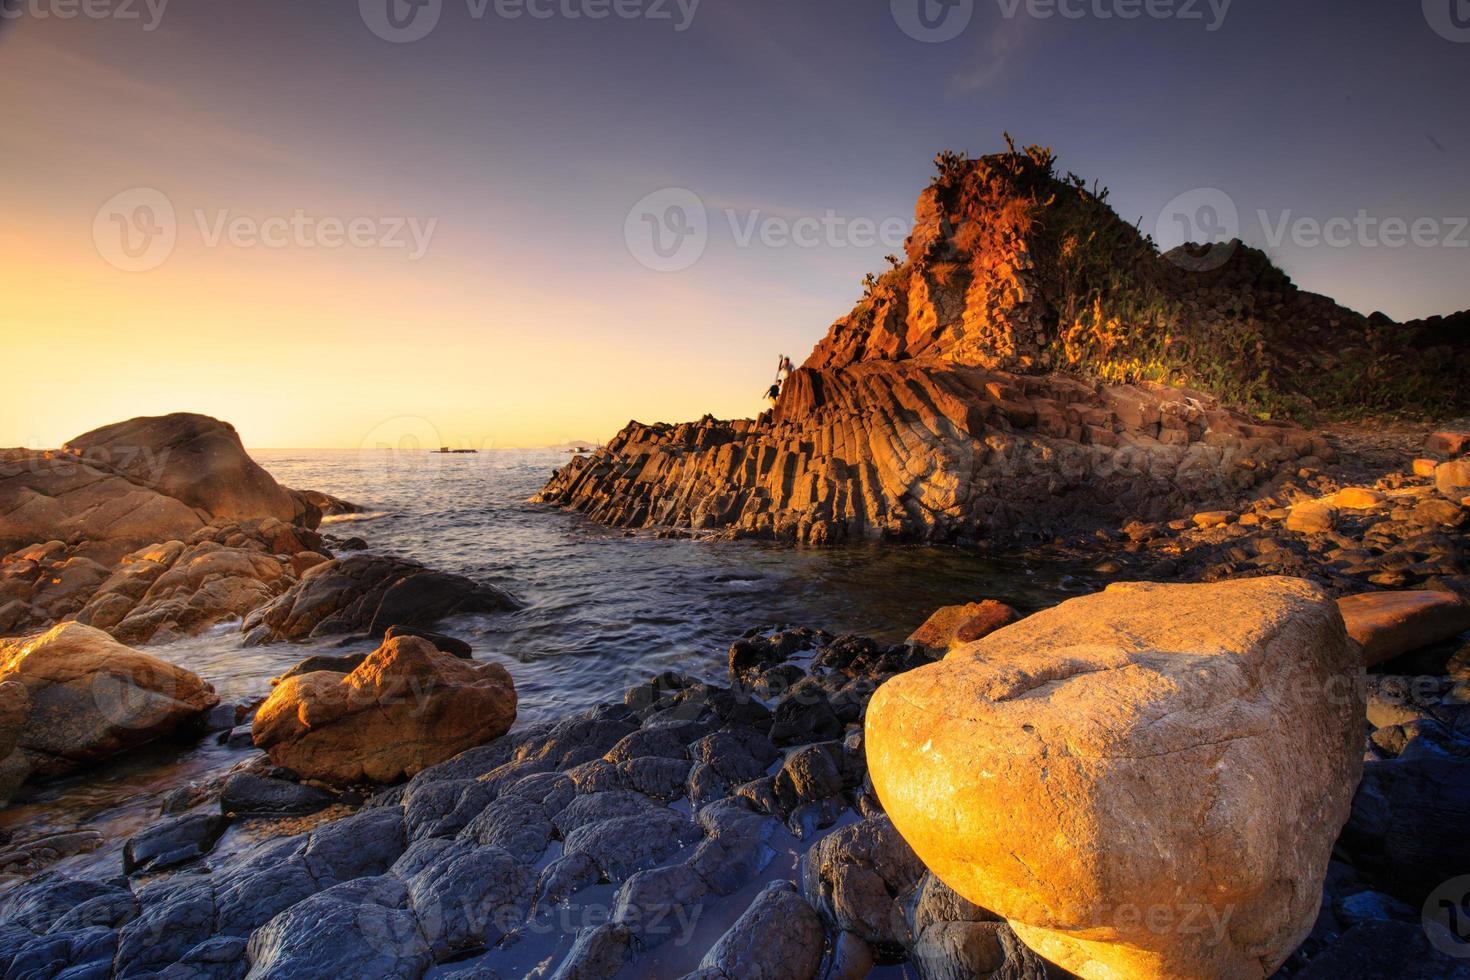 plaat terrasvormige basalt rots op phu yen zee, vietnam foto